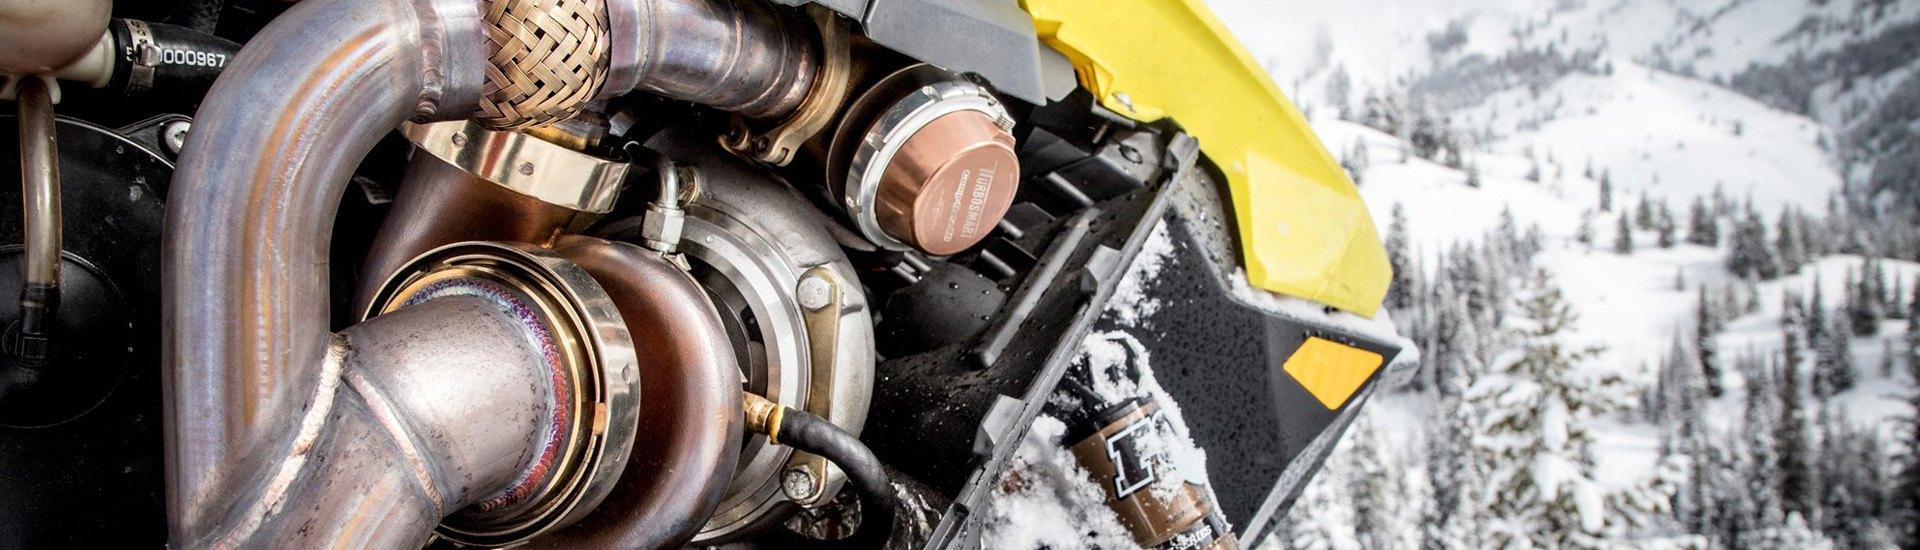 Arctic Cat Jag 440 Engine Swap